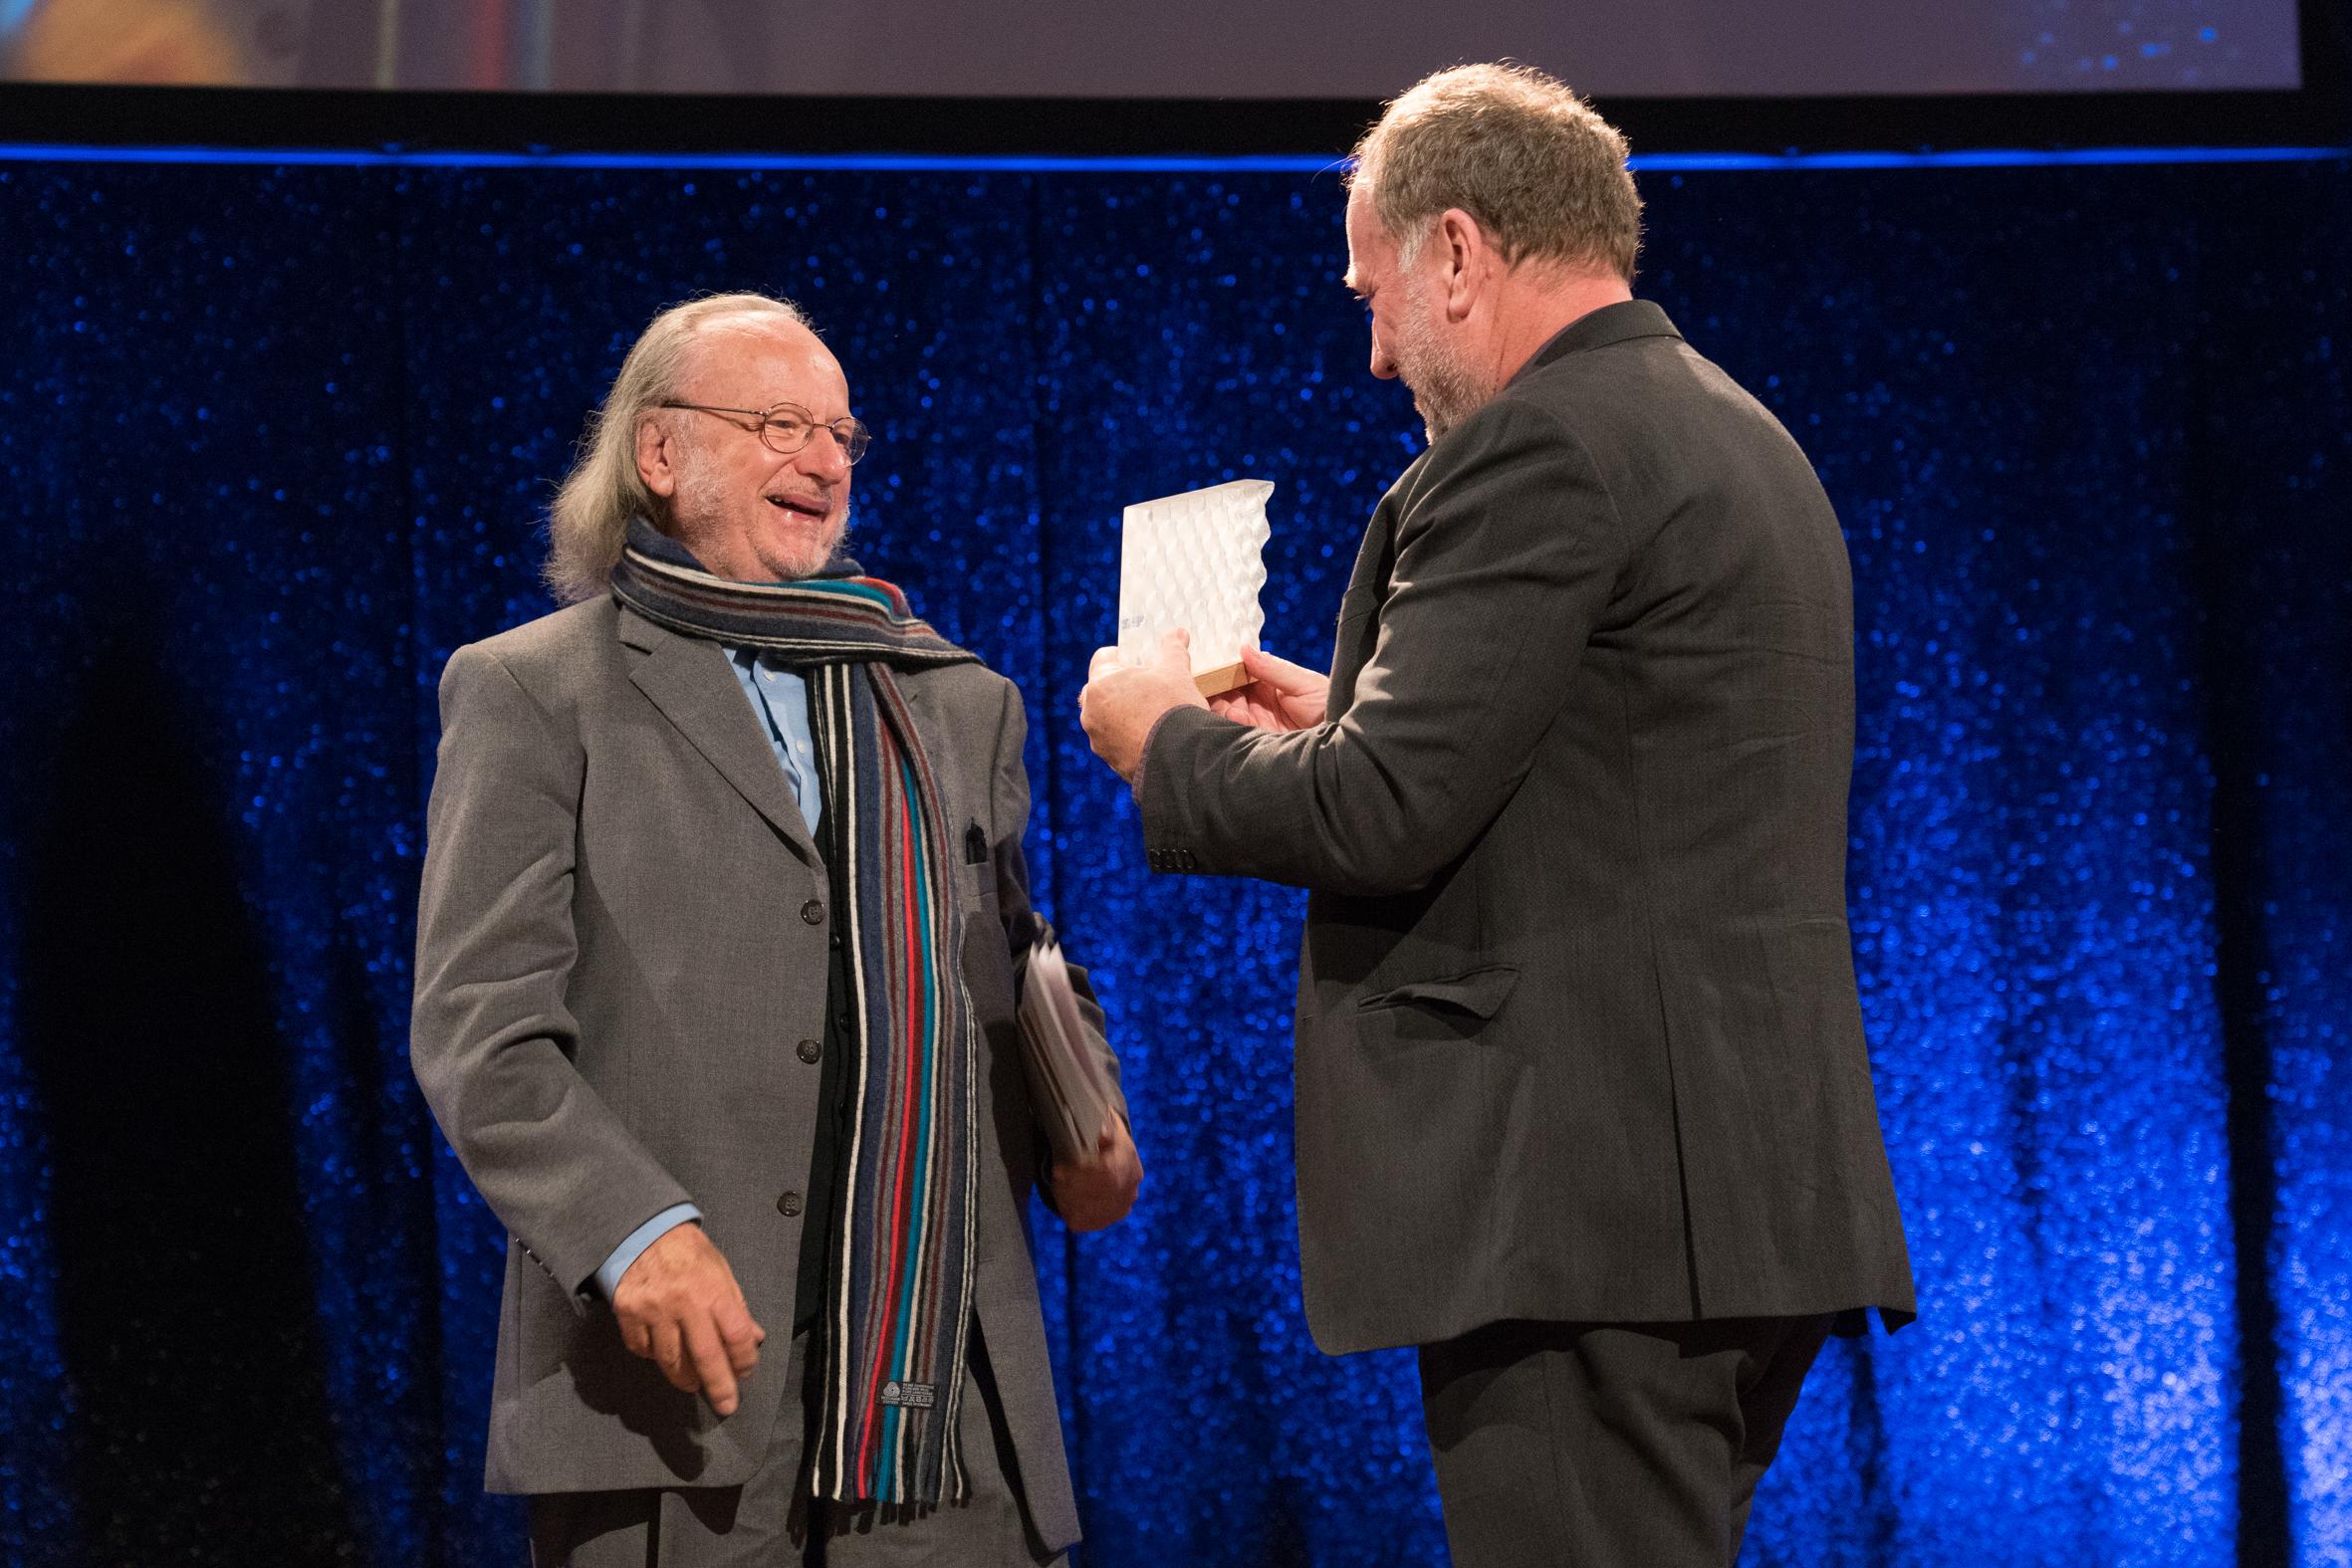 Peter Gotthardt (Ehrenpreisträger 2018) und Harold Faltermeyer (Ehrenpreisträger 2017). Foto:  deutscherfilmmusikpreis.de , ©Joachim Blobel